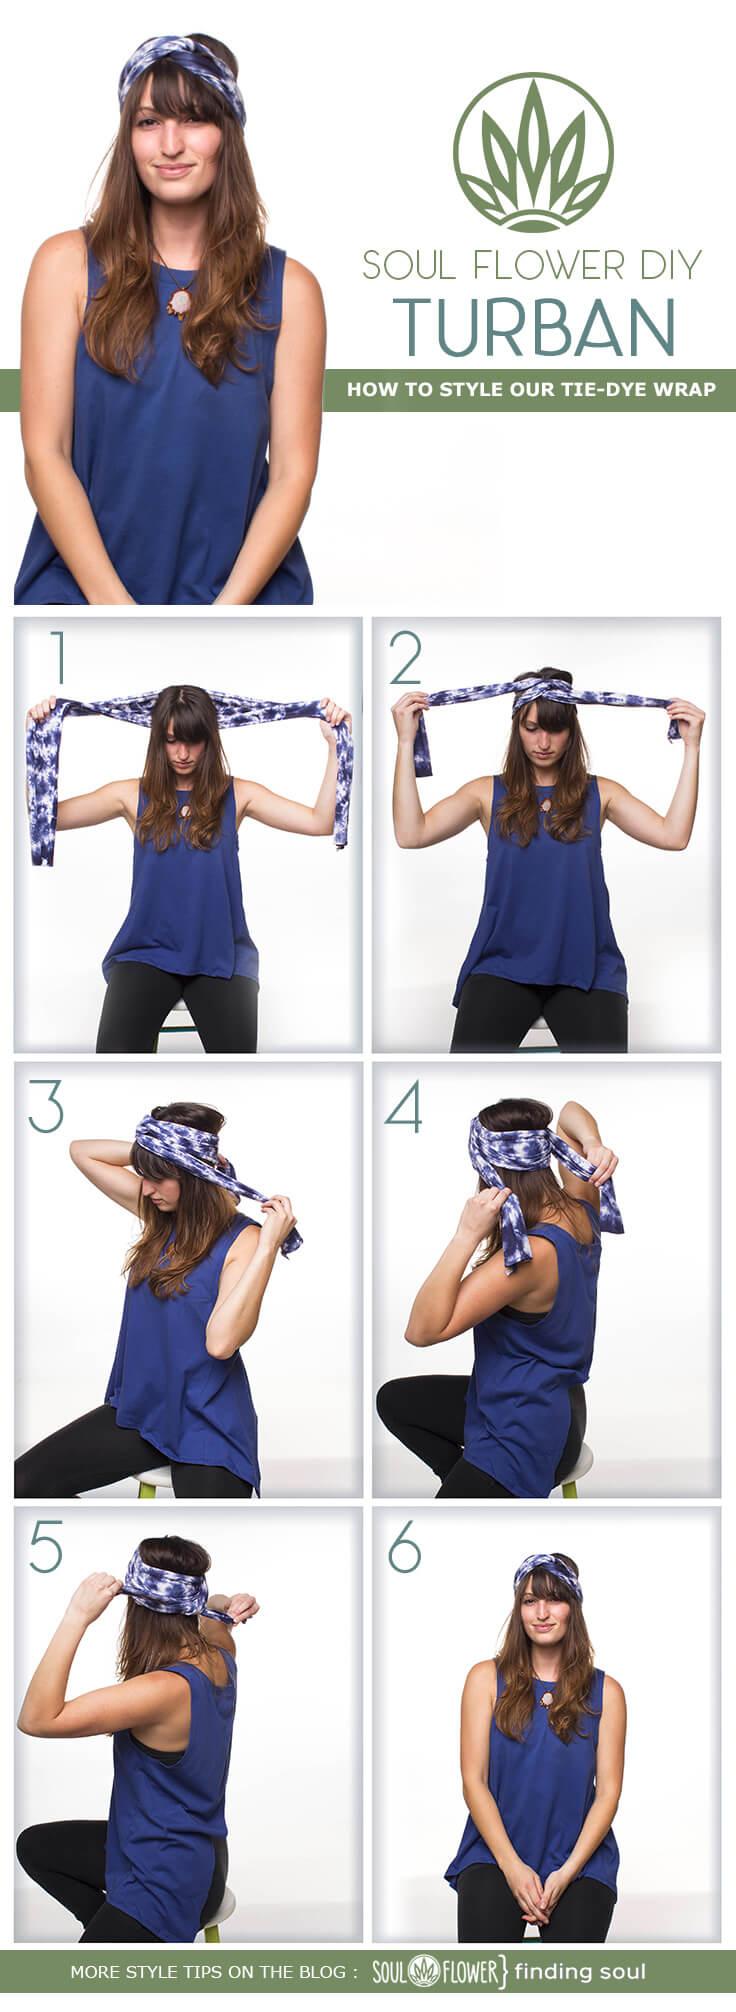 Turban - 6 Ways to Style Our Tie-Dye Wrap